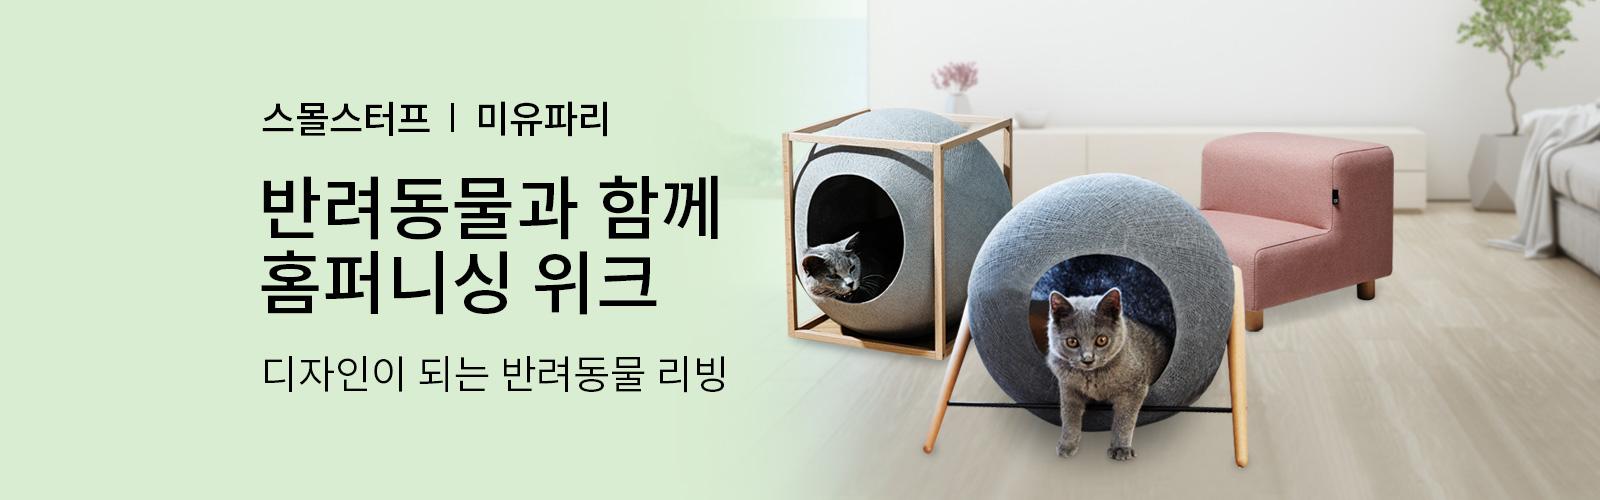 스몰스터프ㅣ미유파리 반려동물과 함께 홈퍼니싱 위크 디자인이 되는 반려동물 리빙